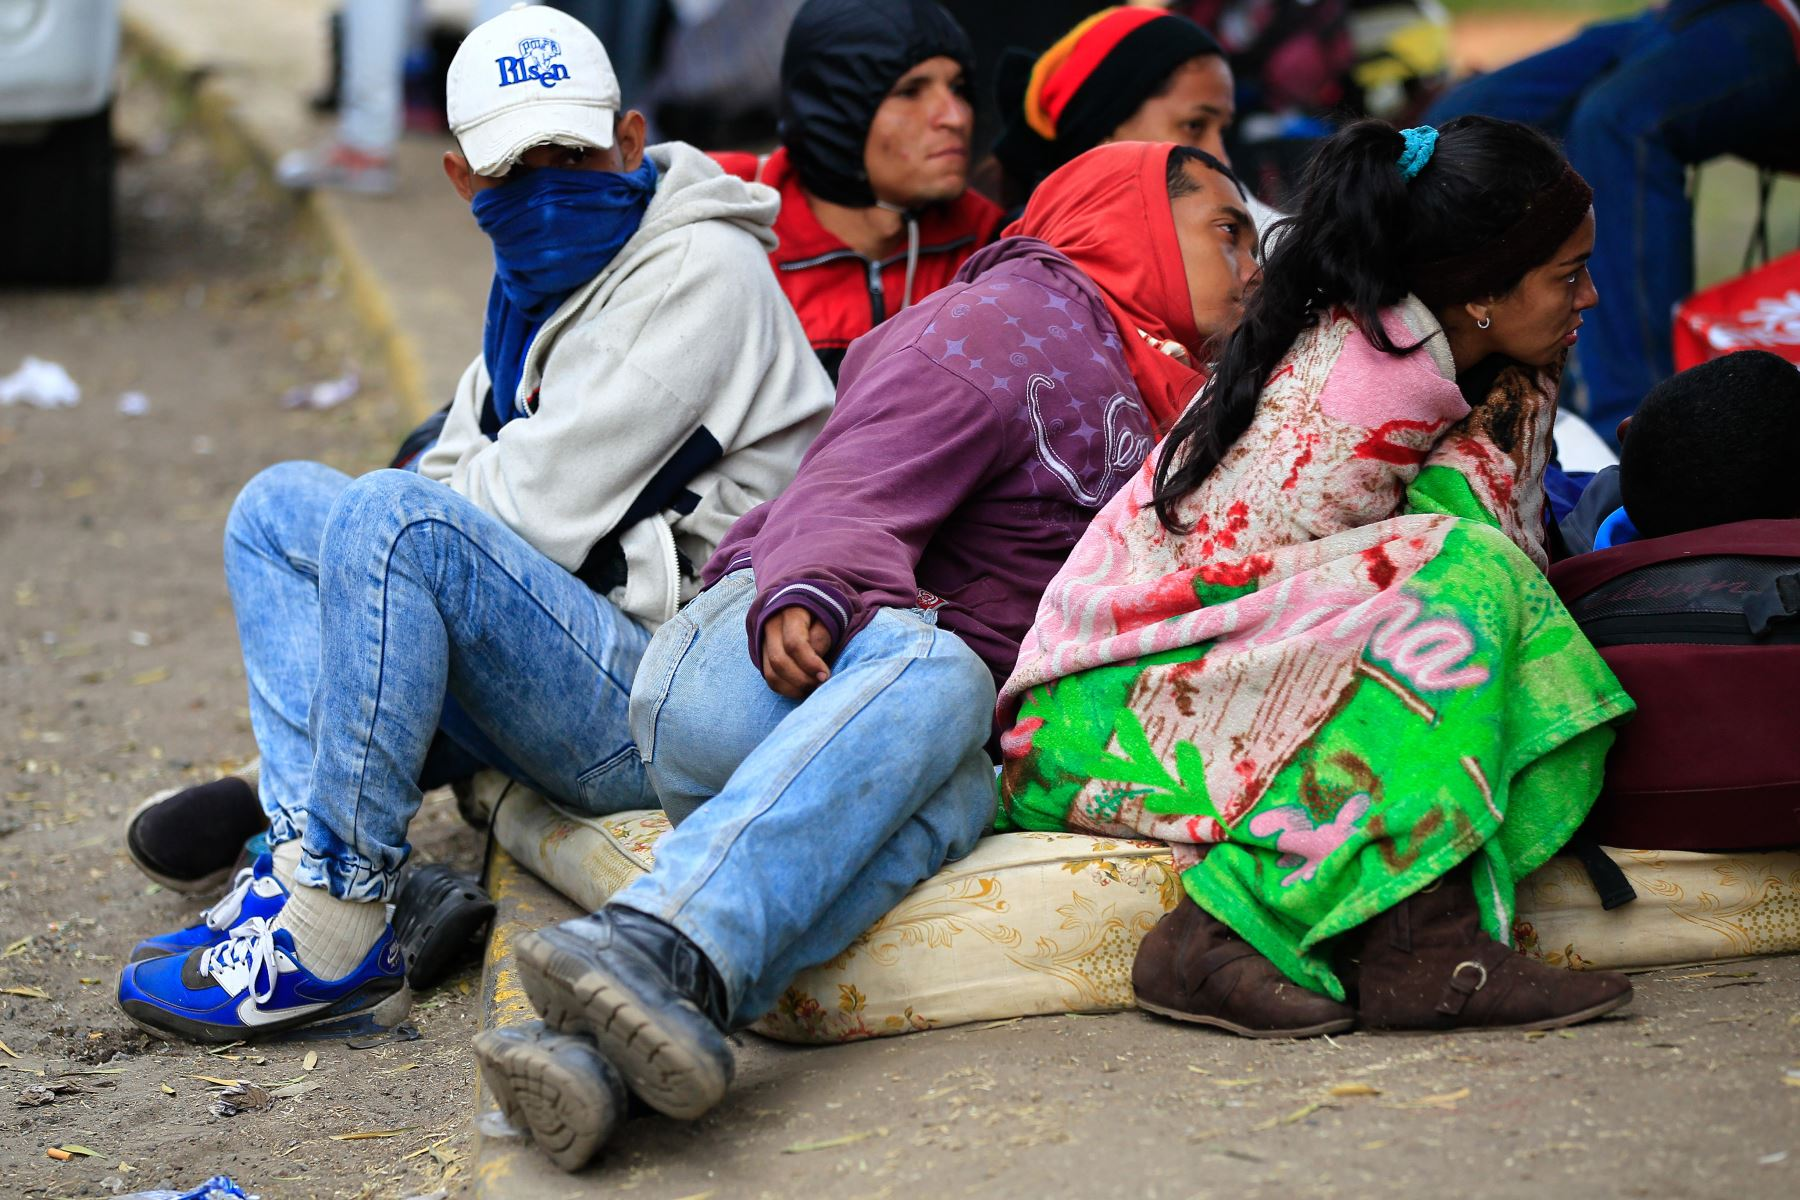 Venezolanos en Ecuador duermen en la intemperie  Foto:EFE